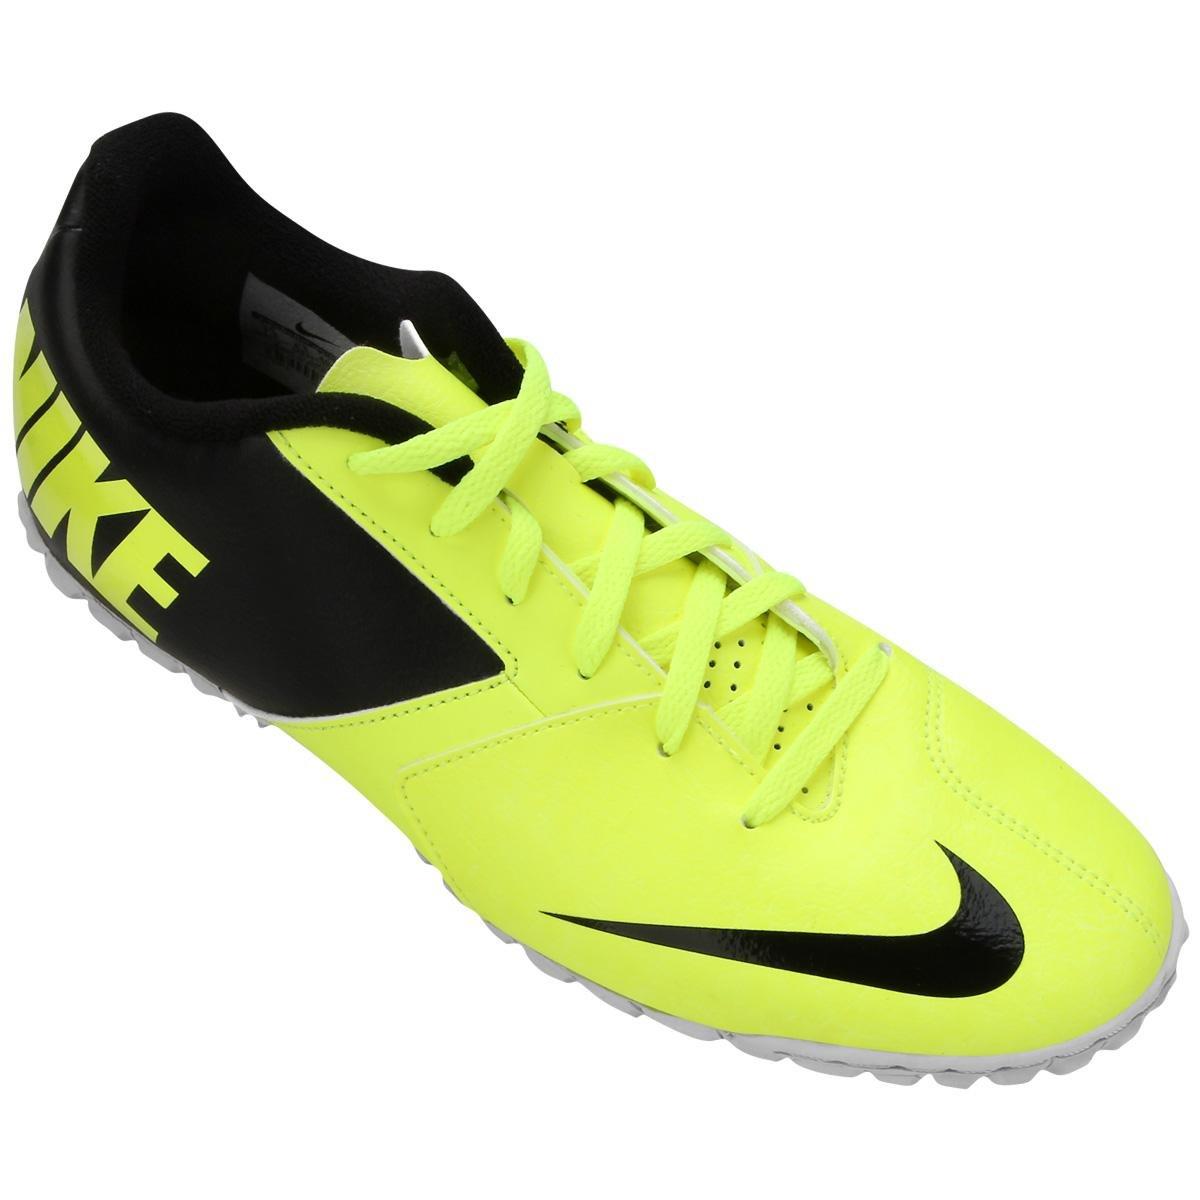 Chuteira Nike 5 Bomba 2 - Compre Agora  a7d7cbe649509